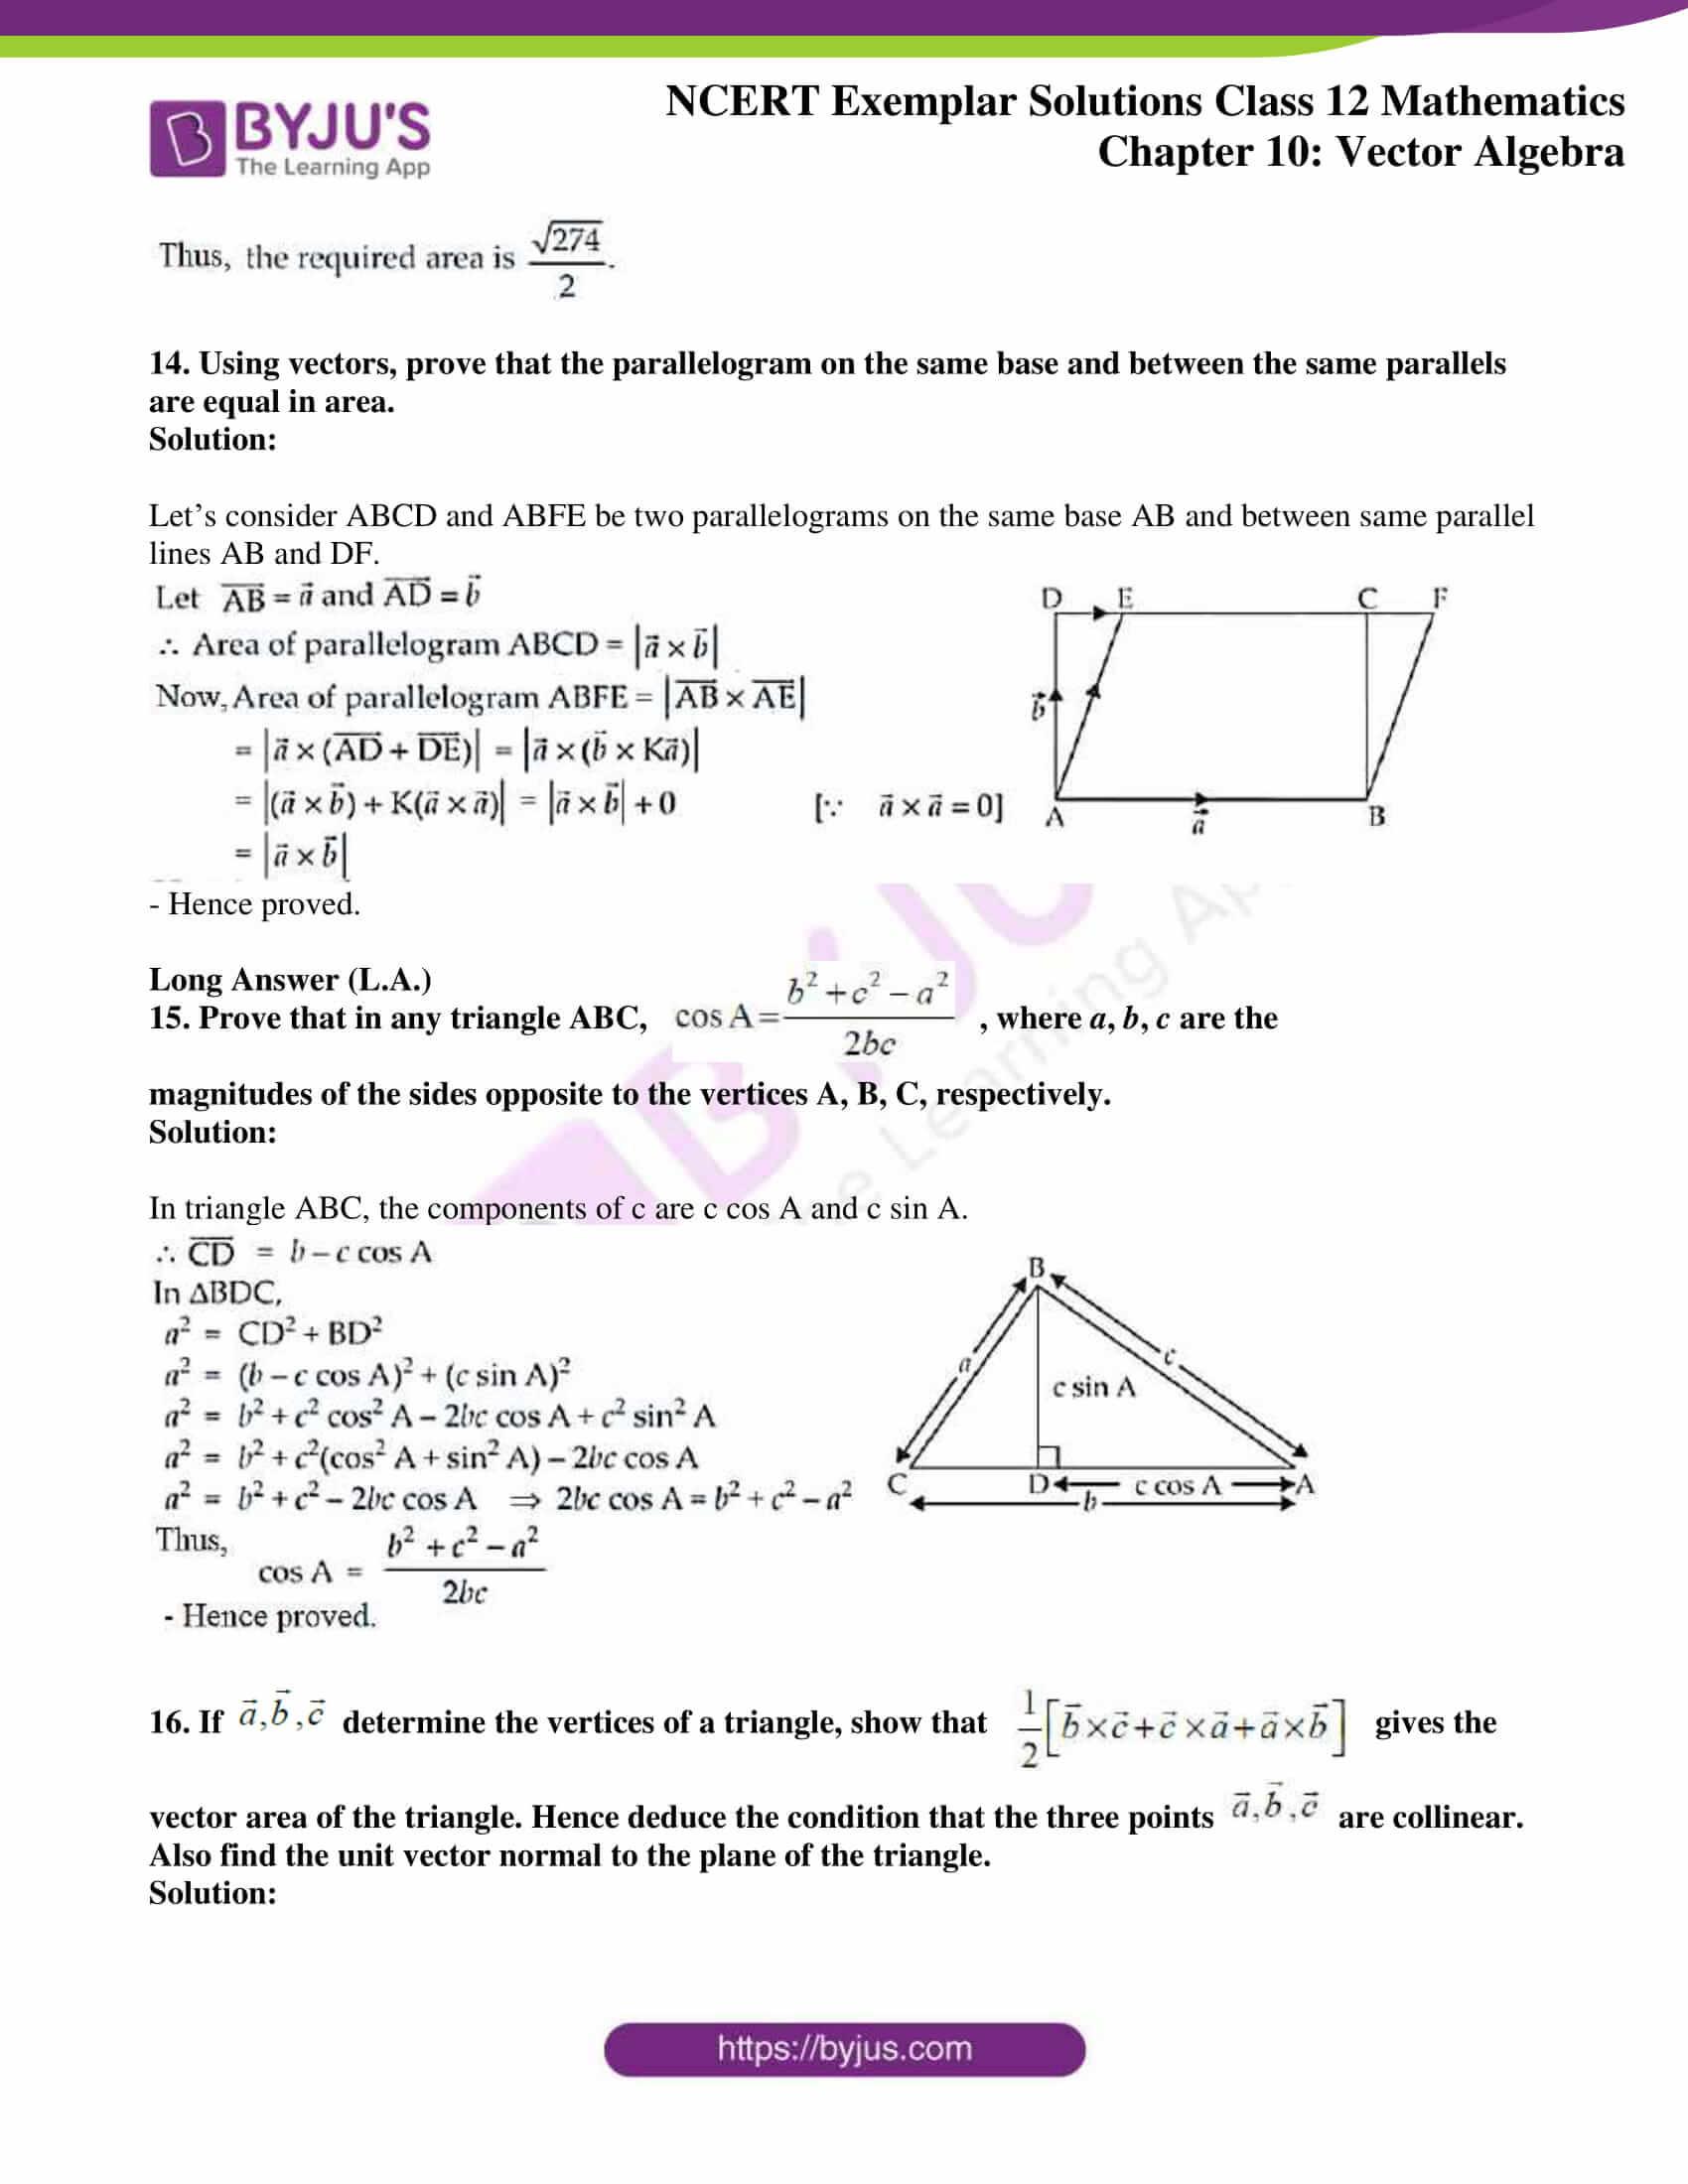 ncert exemplar sol class 12 mathematics ch 10 08